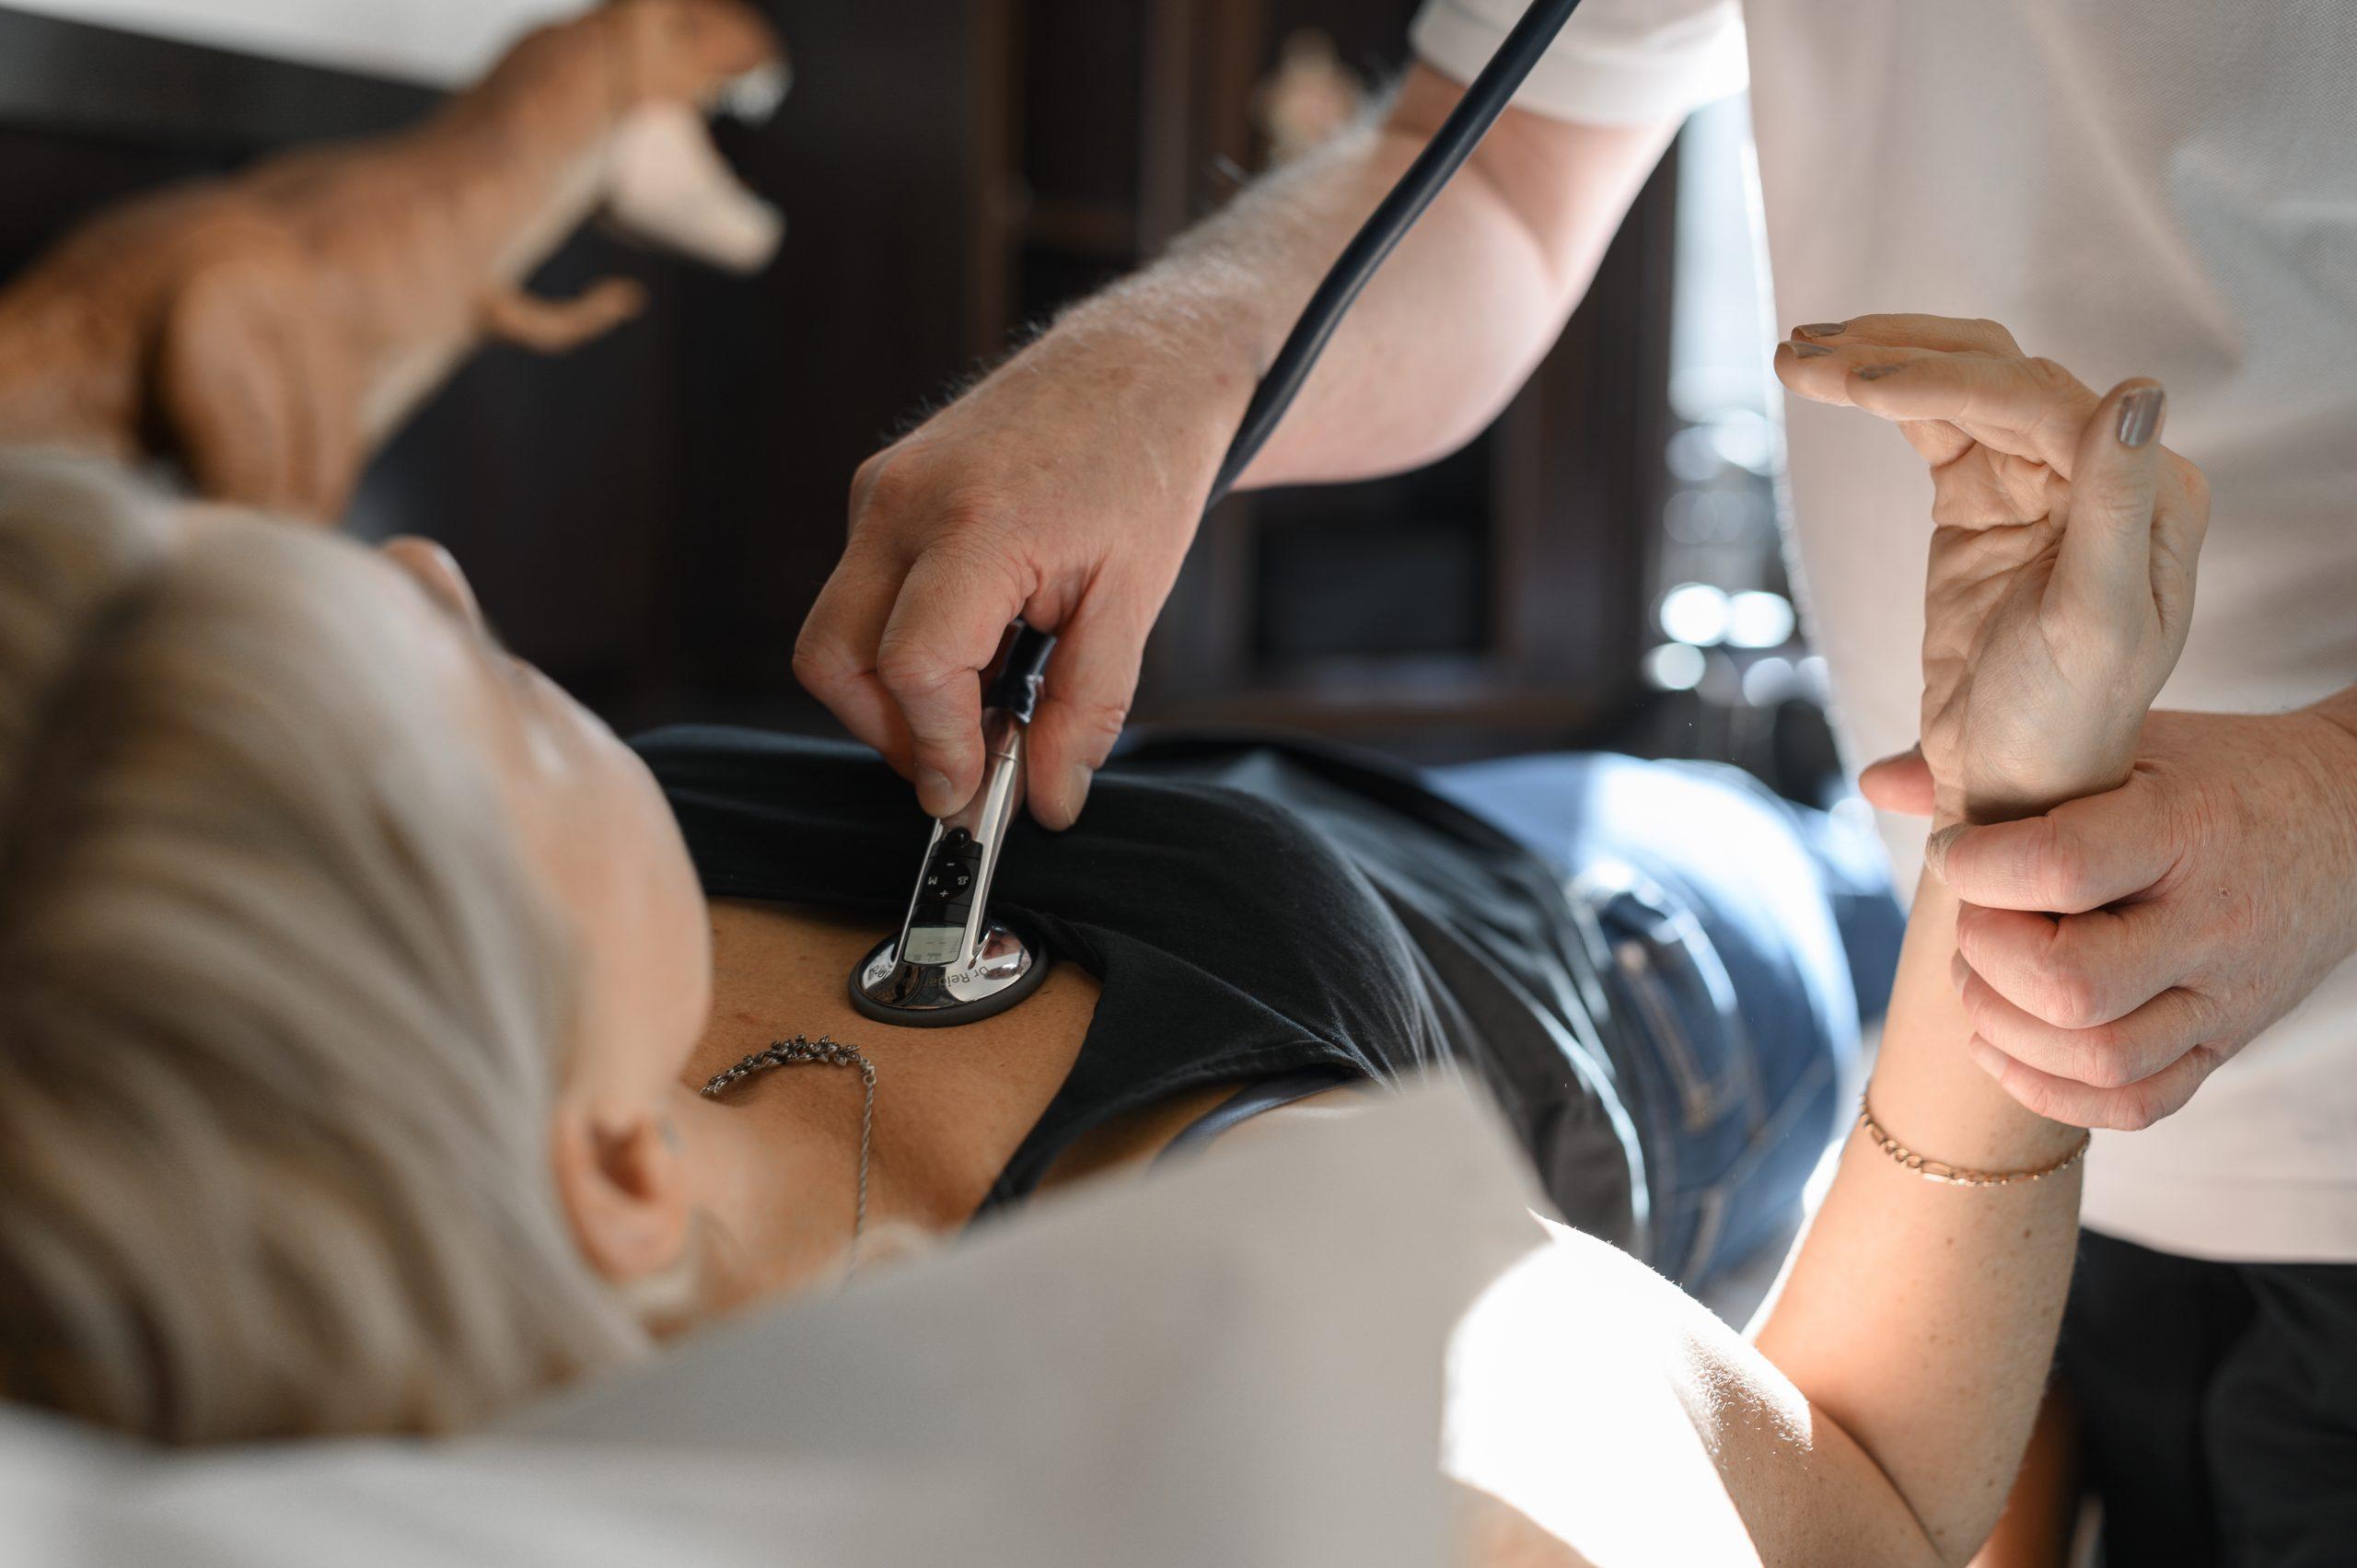 Patient blir undersökt med stetoskop på Vasakliniken